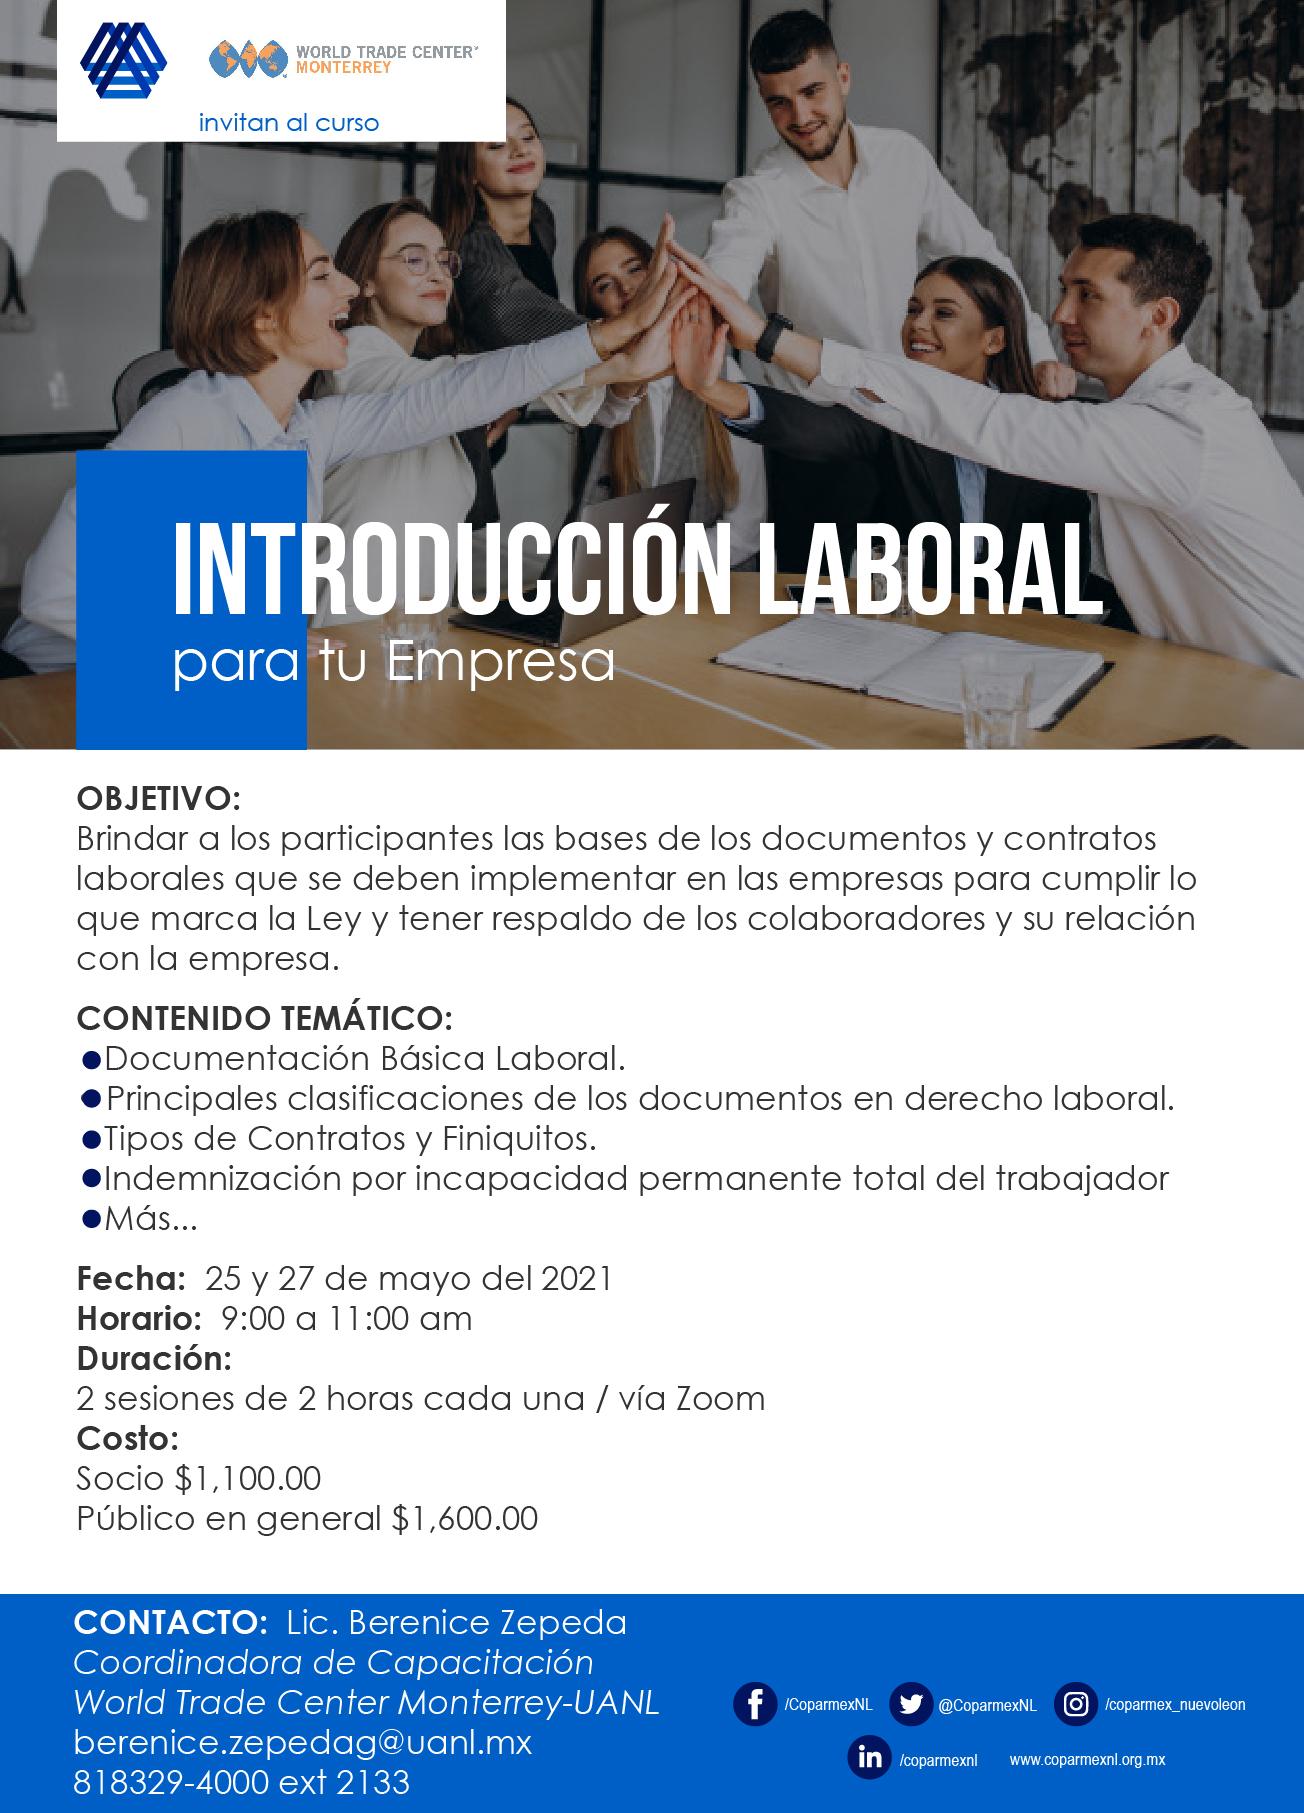 Taller Introducción Laboral para tu empresa